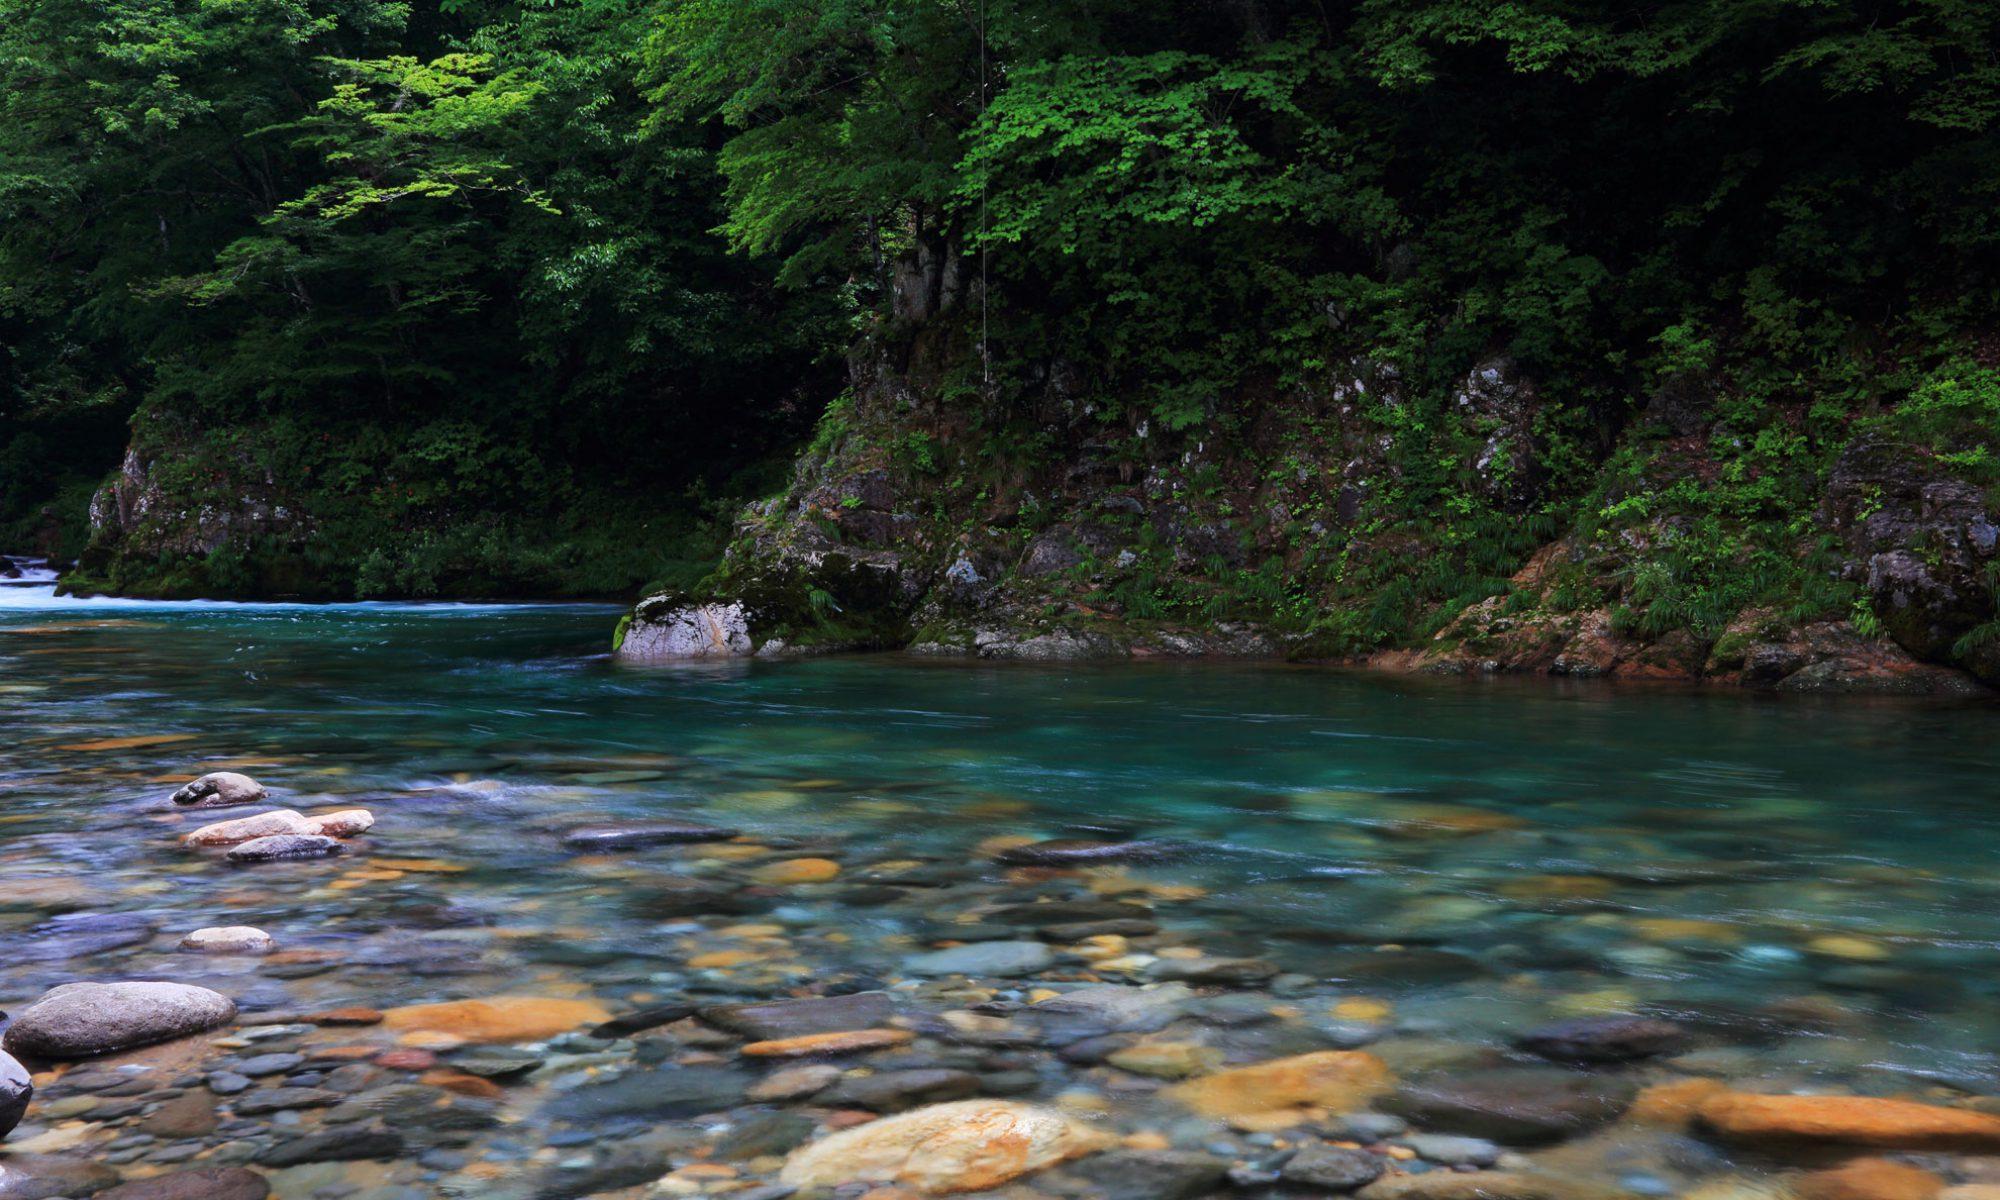 奥越漁業協同組合 -福井県 大野市-